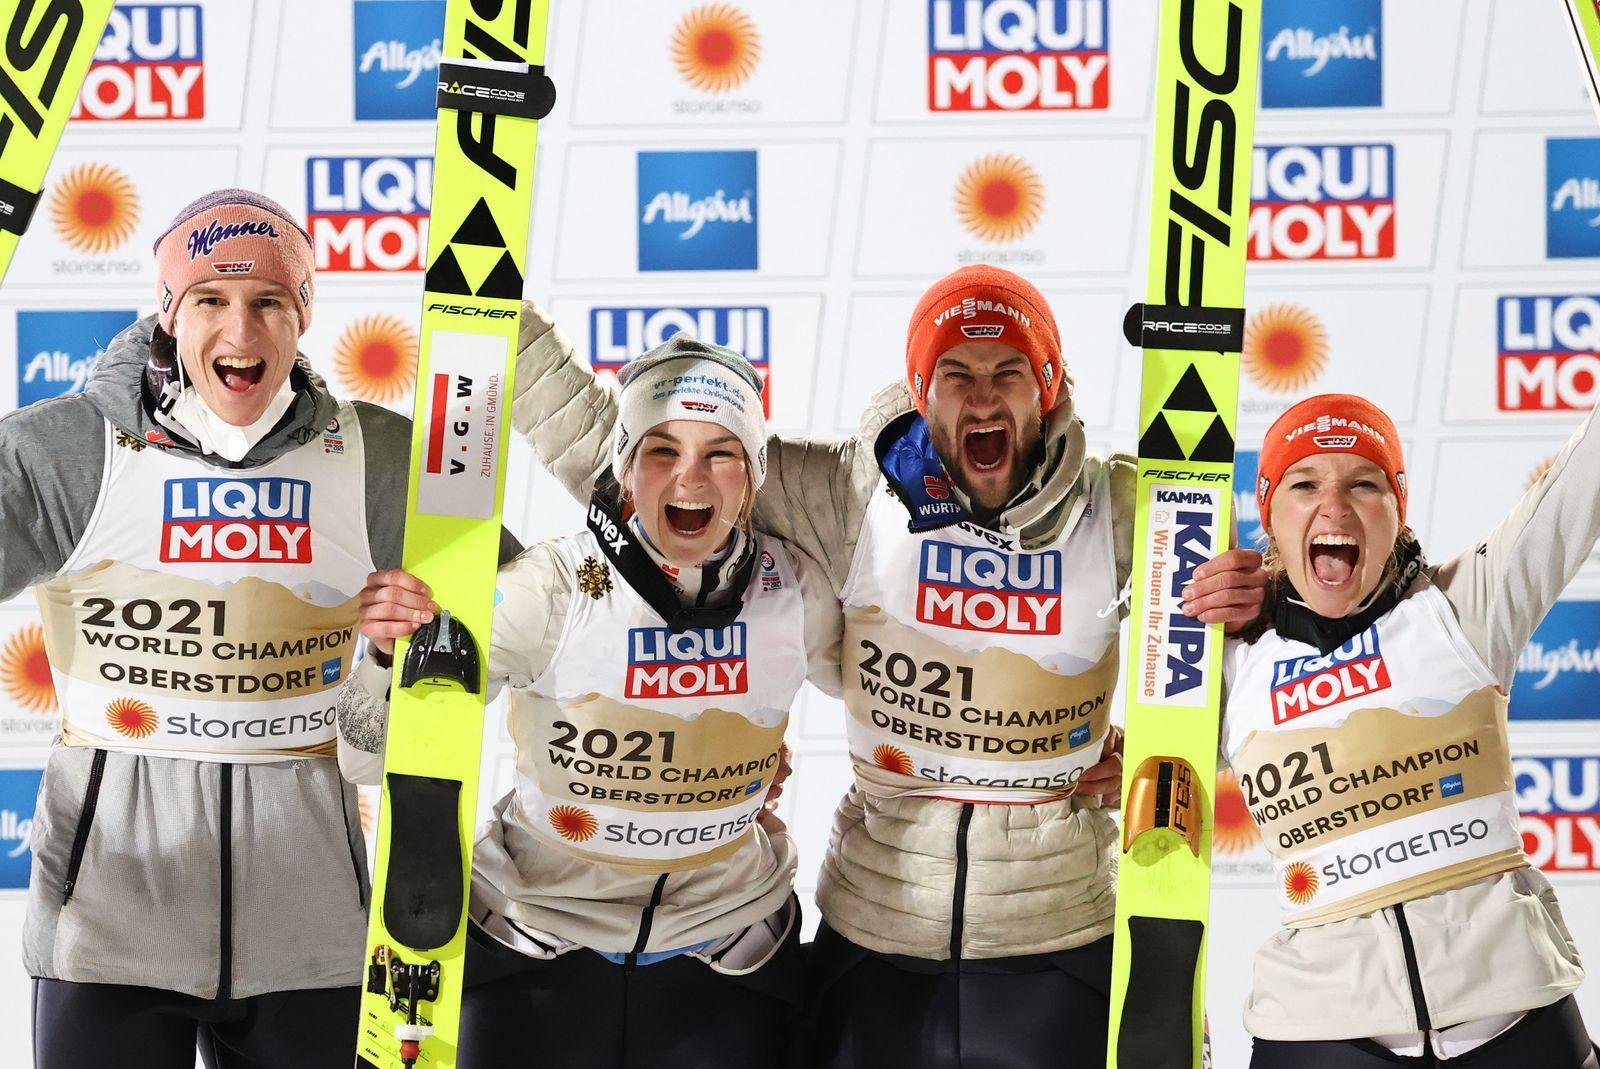 Nordische Ski-WM Oberstdorf